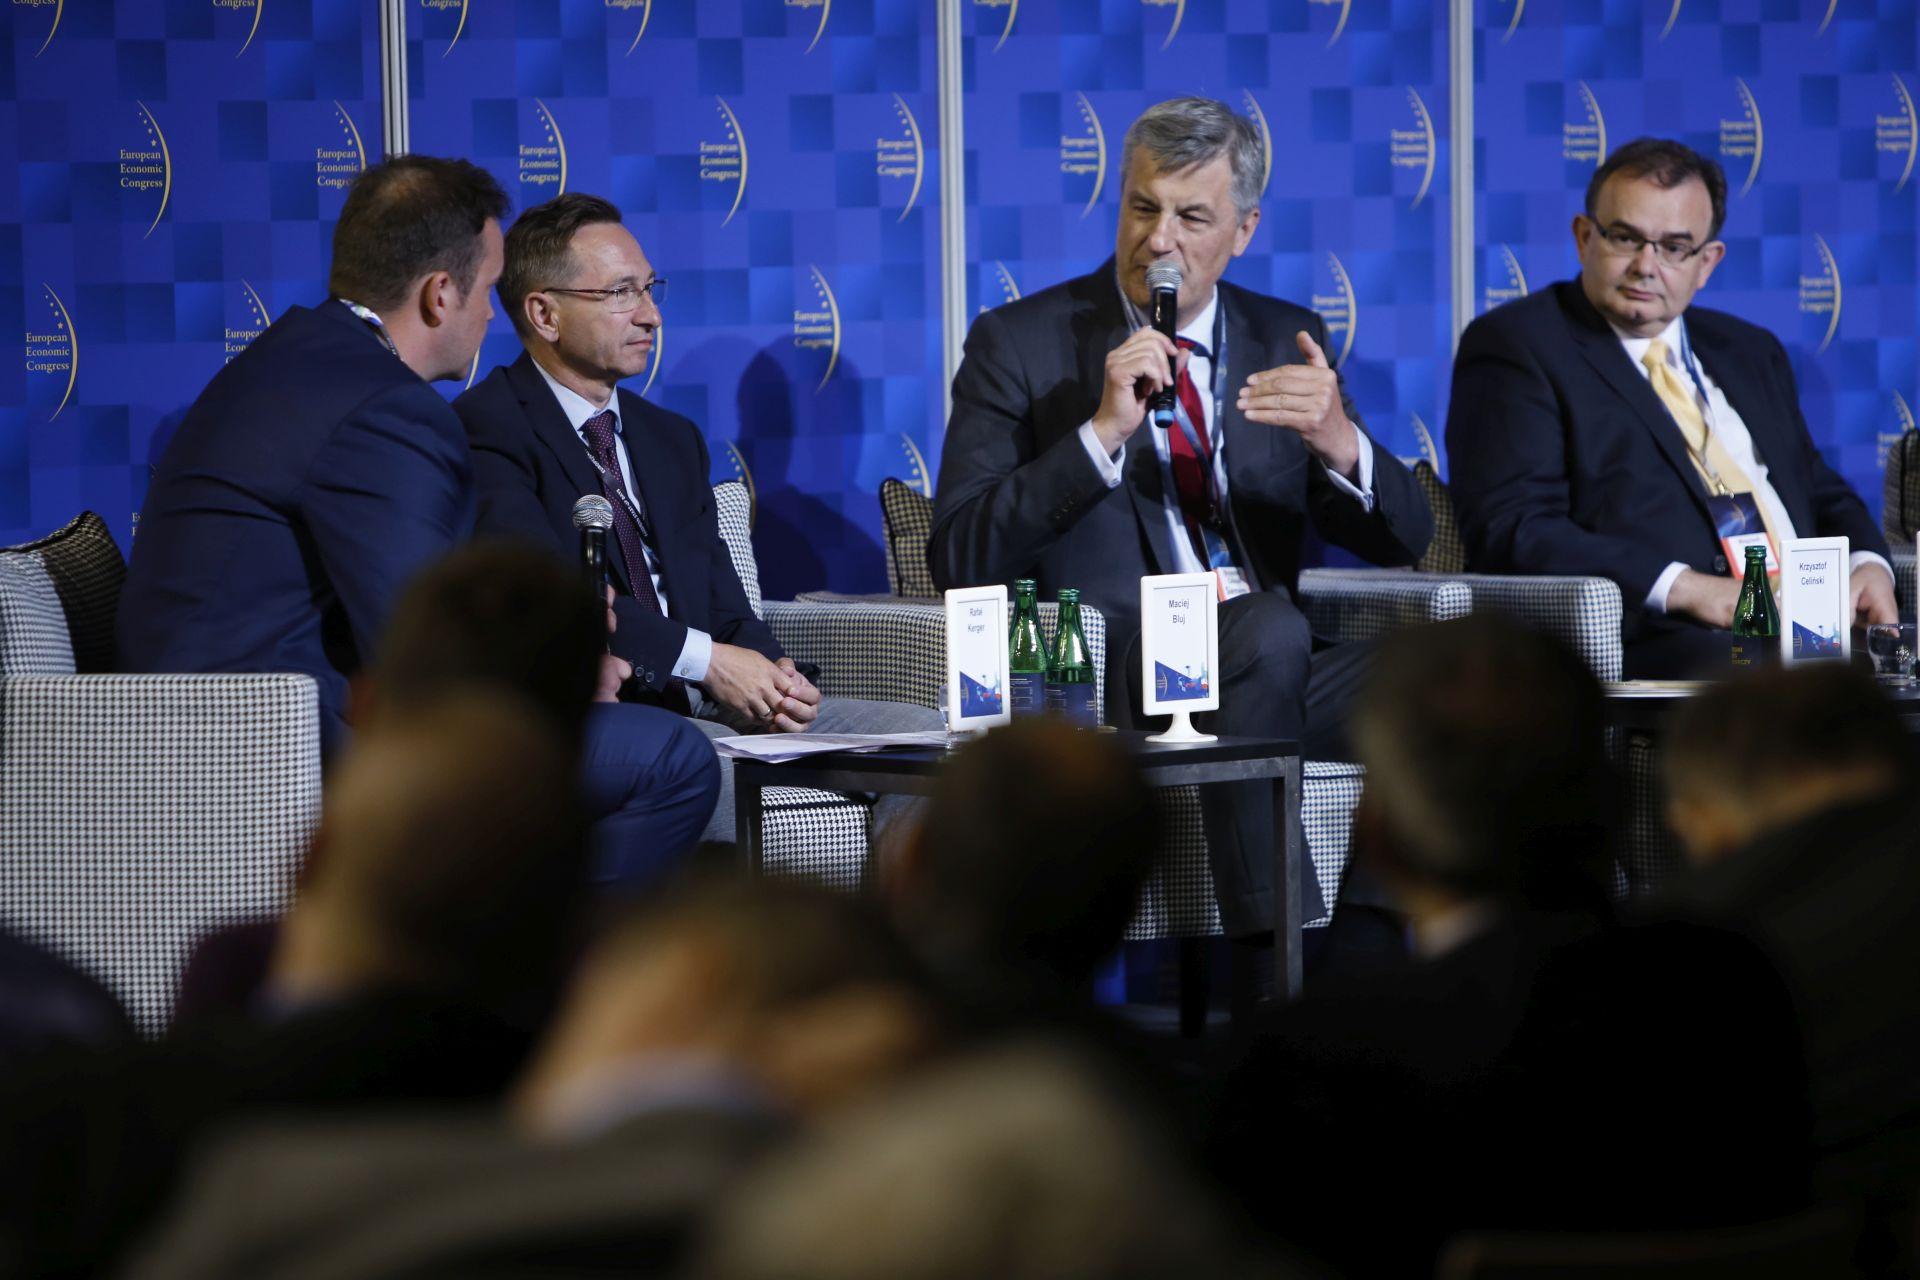 W dyskusji o transporcie udział wzięli m.in. Maciej Bluj, wiceprezydent Wrocławia